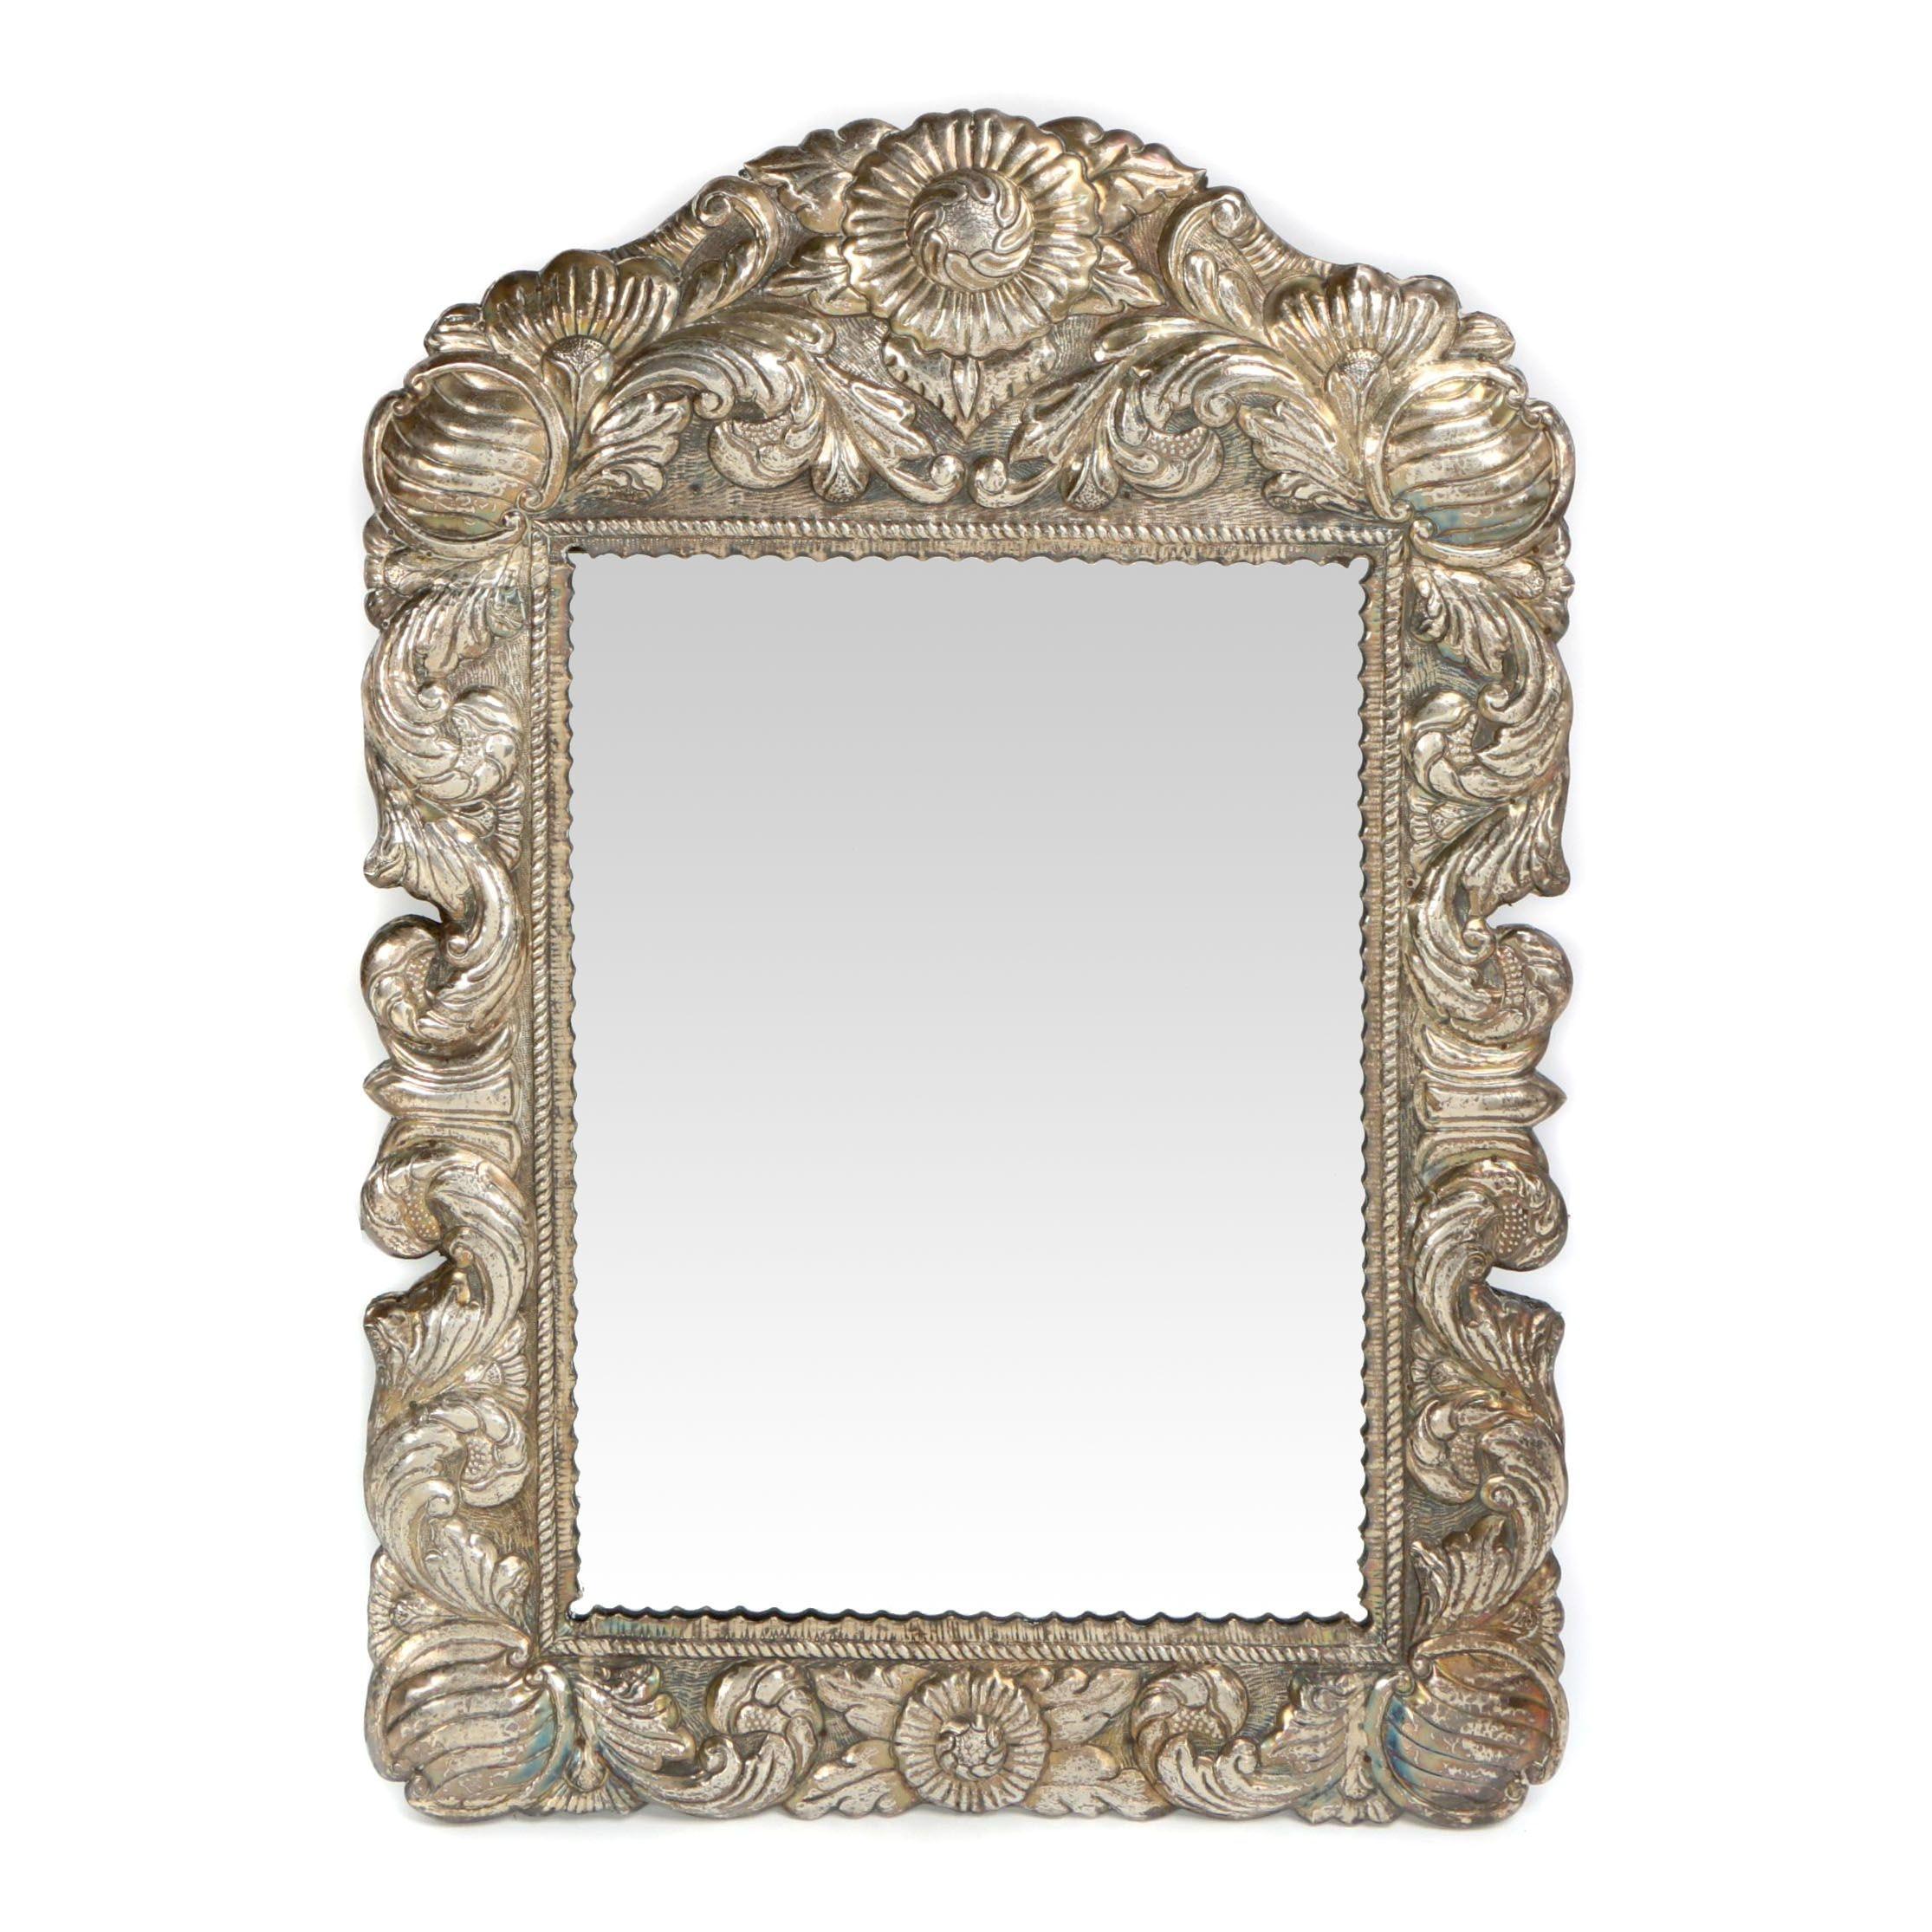 Floral Embossed Silver Tone Metal Beveled Mirror